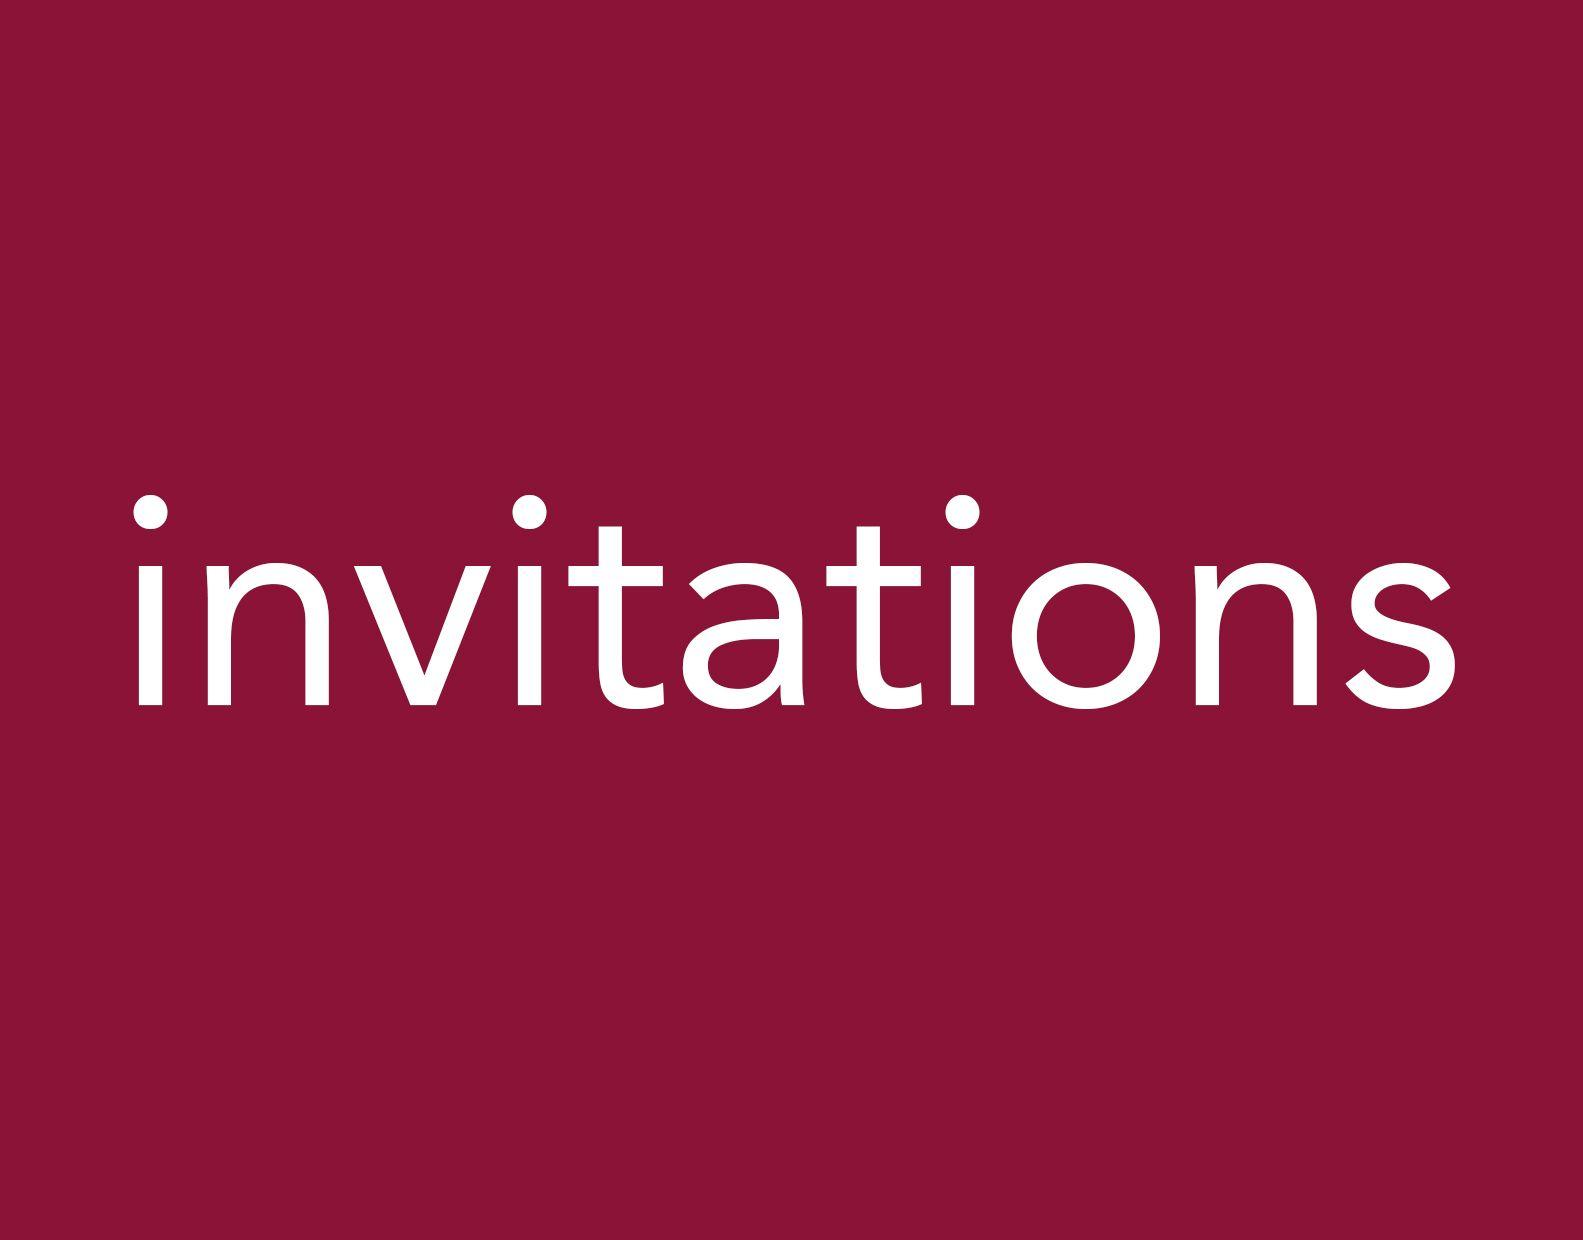 Portfolio invitations